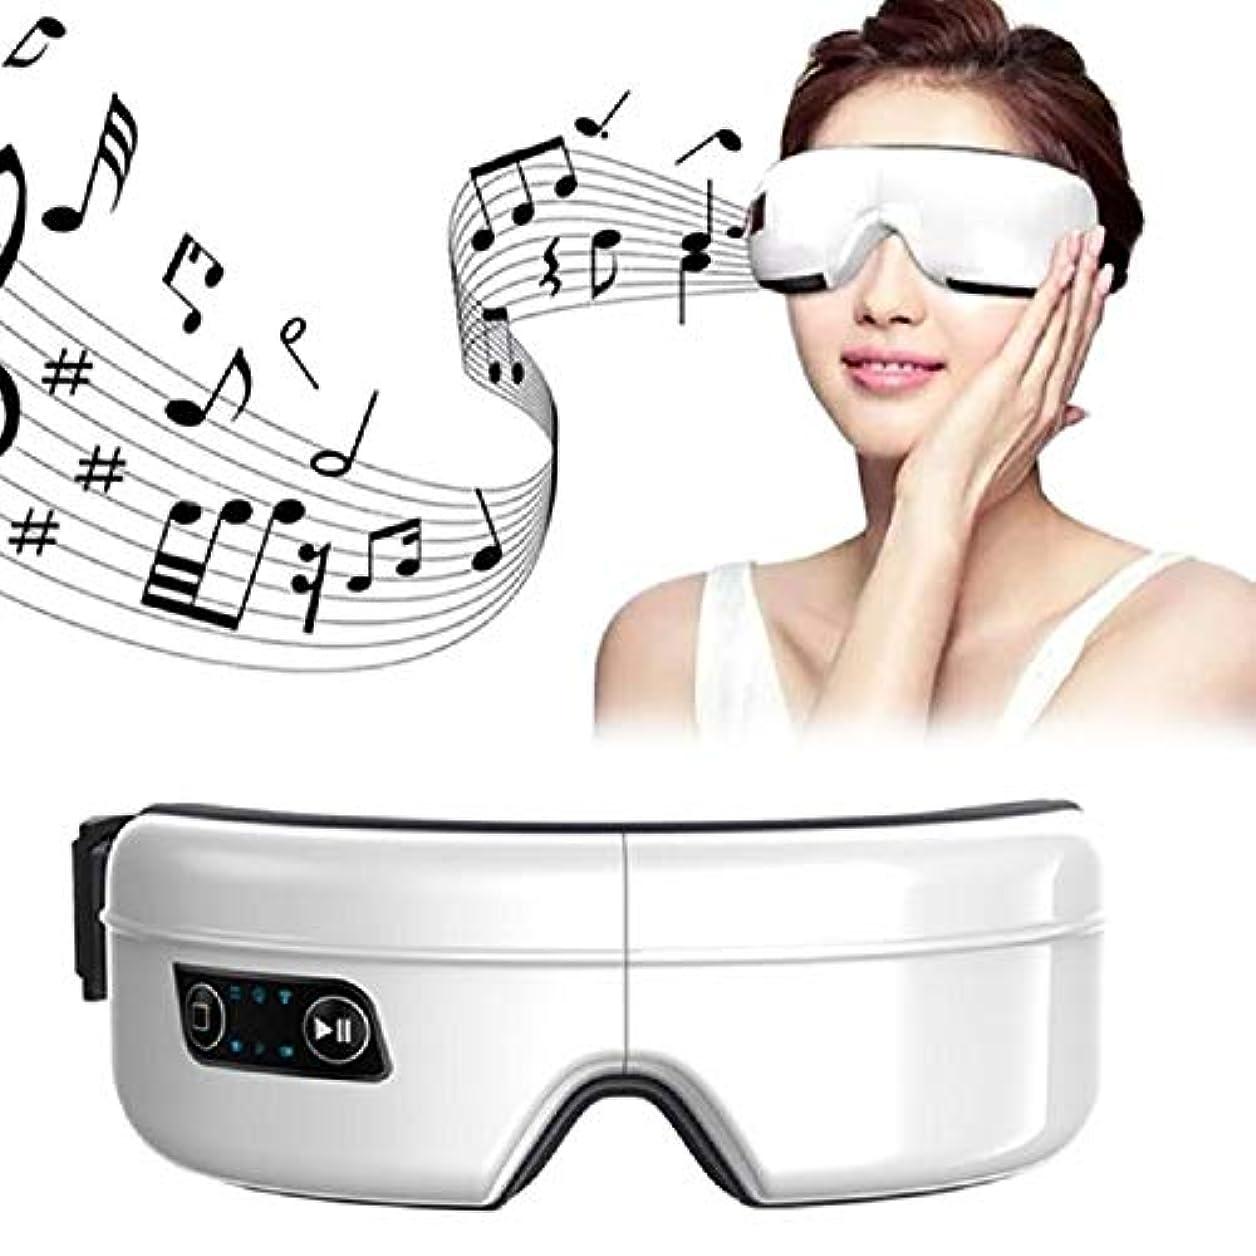 見捨てるストライド配置Meet now 高度な電気ワイヤレスアイマッサージSPAの楽器、音楽充電式美容ツール 品質保証